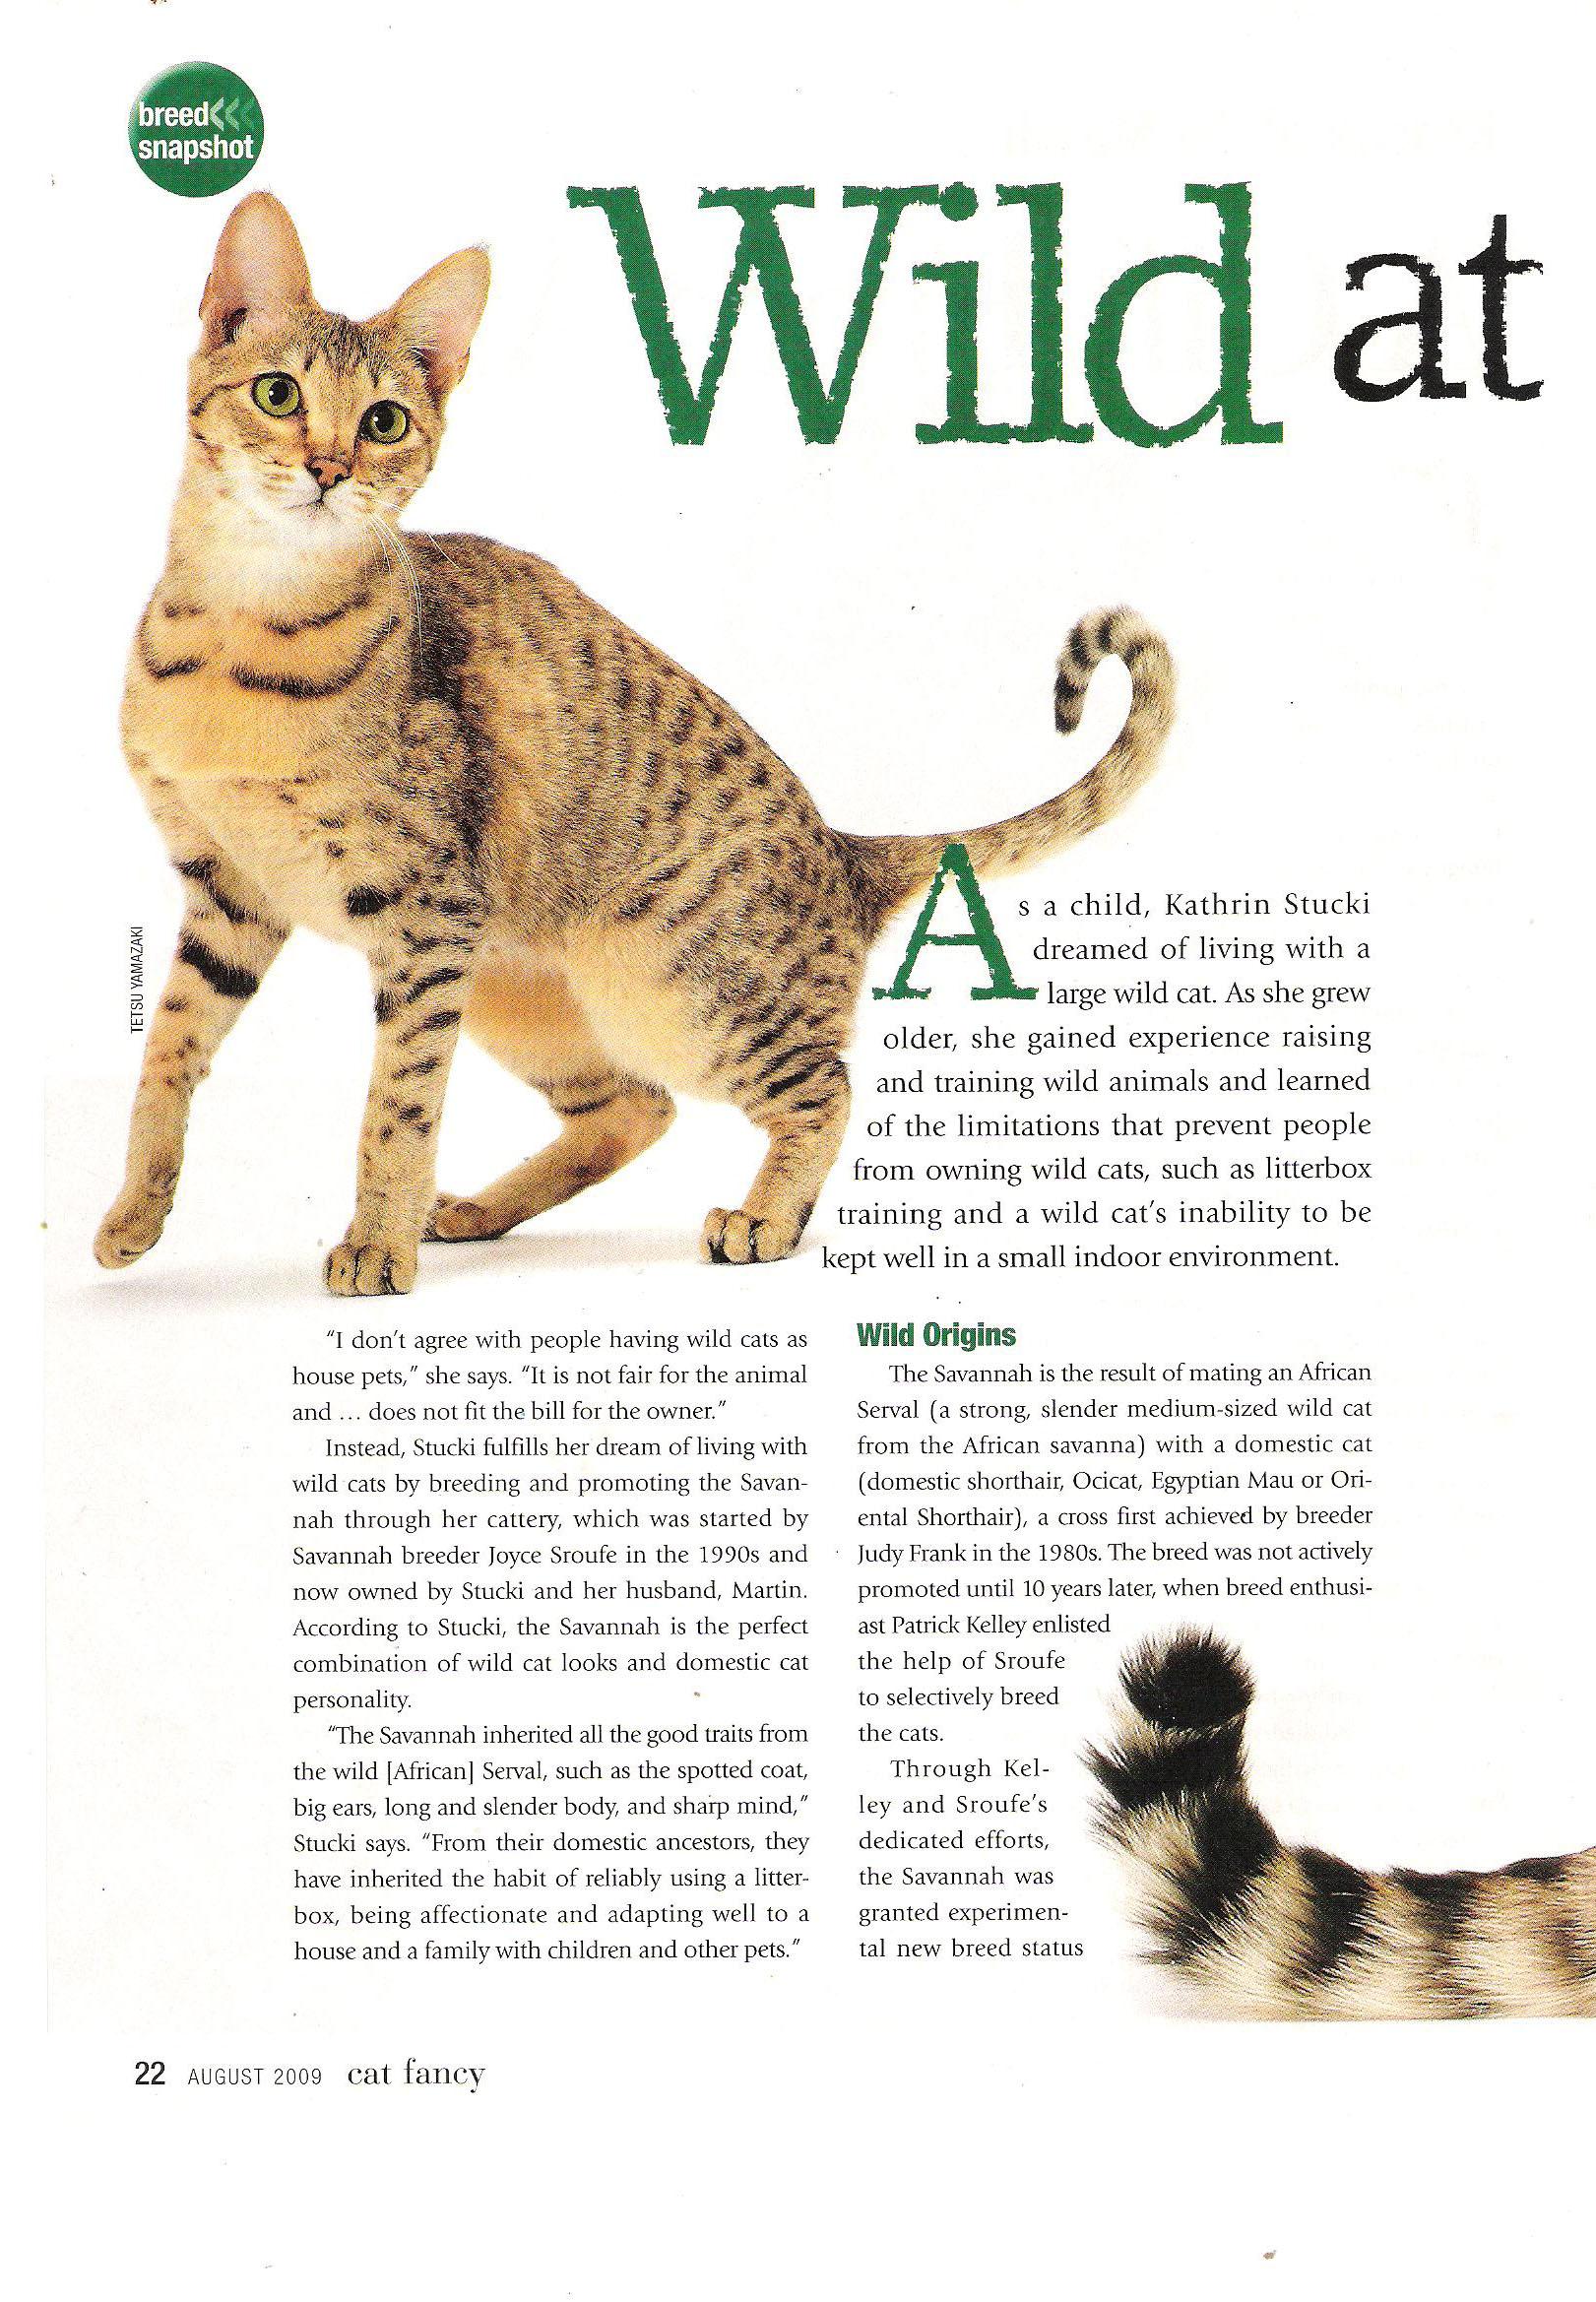 2009 Cat Fancy article about A1Savannahs page 1